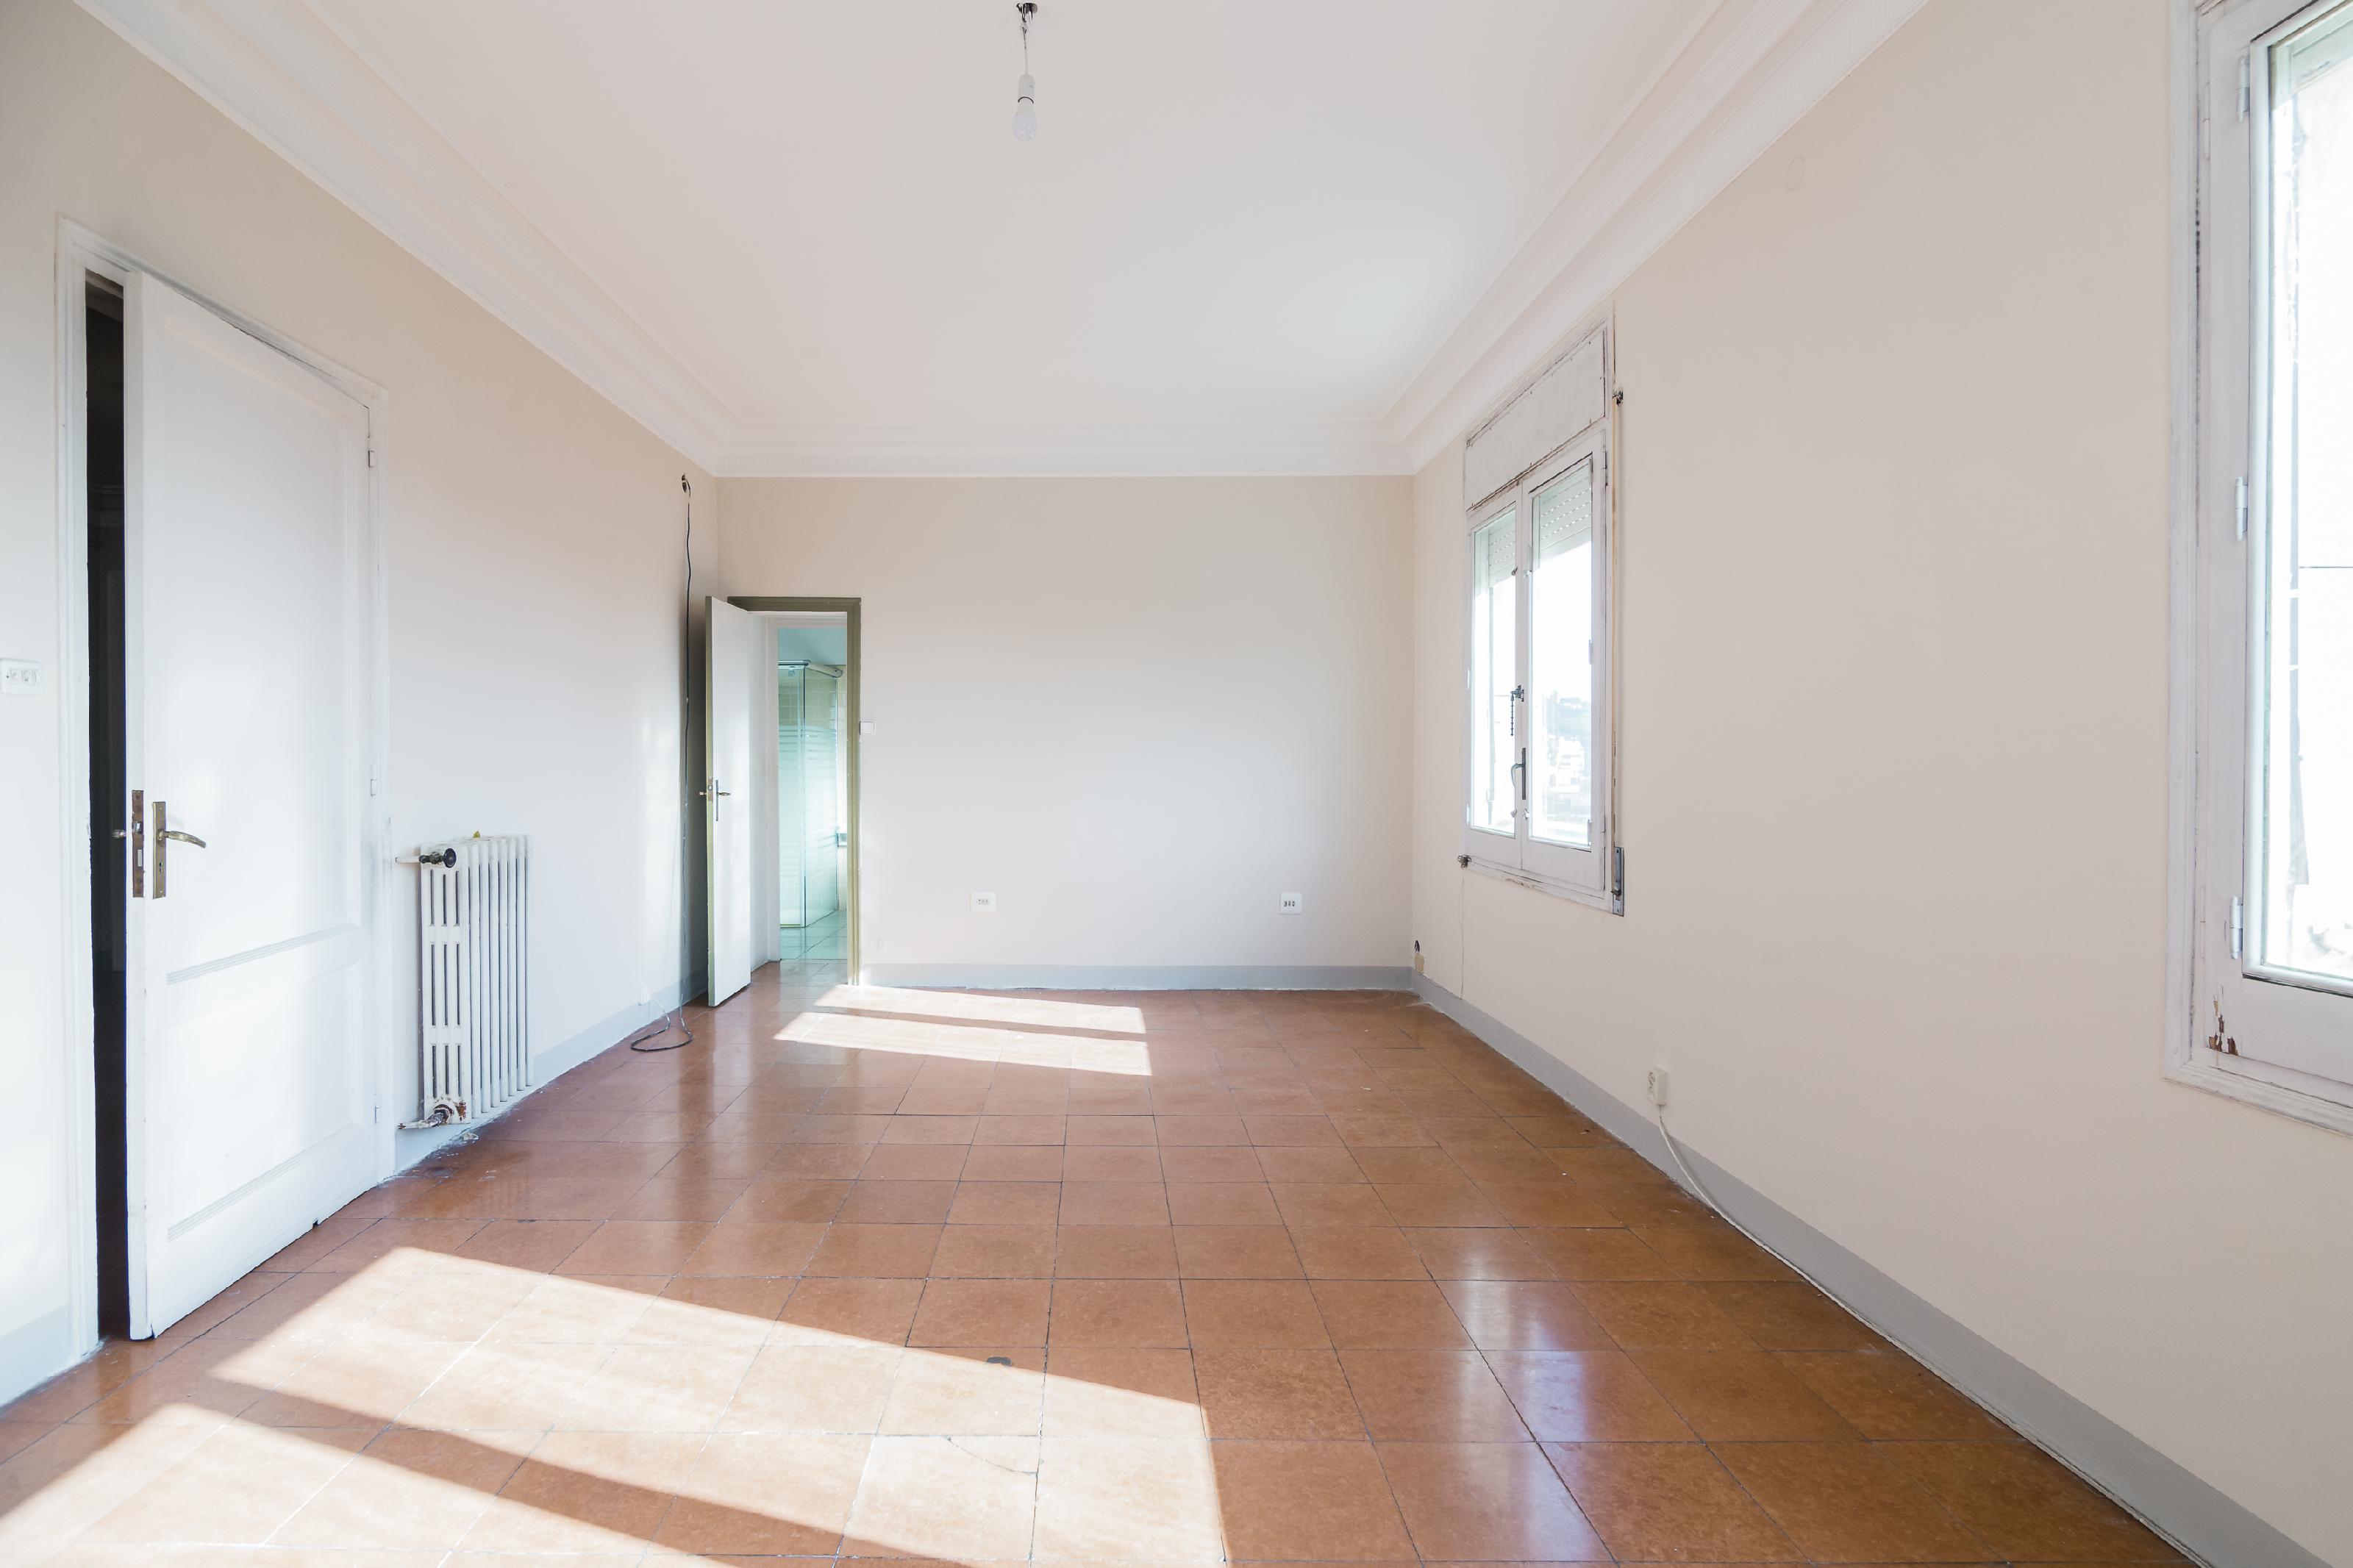 246643 Penthouse for sale in Sarrià-Sant Gervasi, St. Gervasi-Bonanova 29